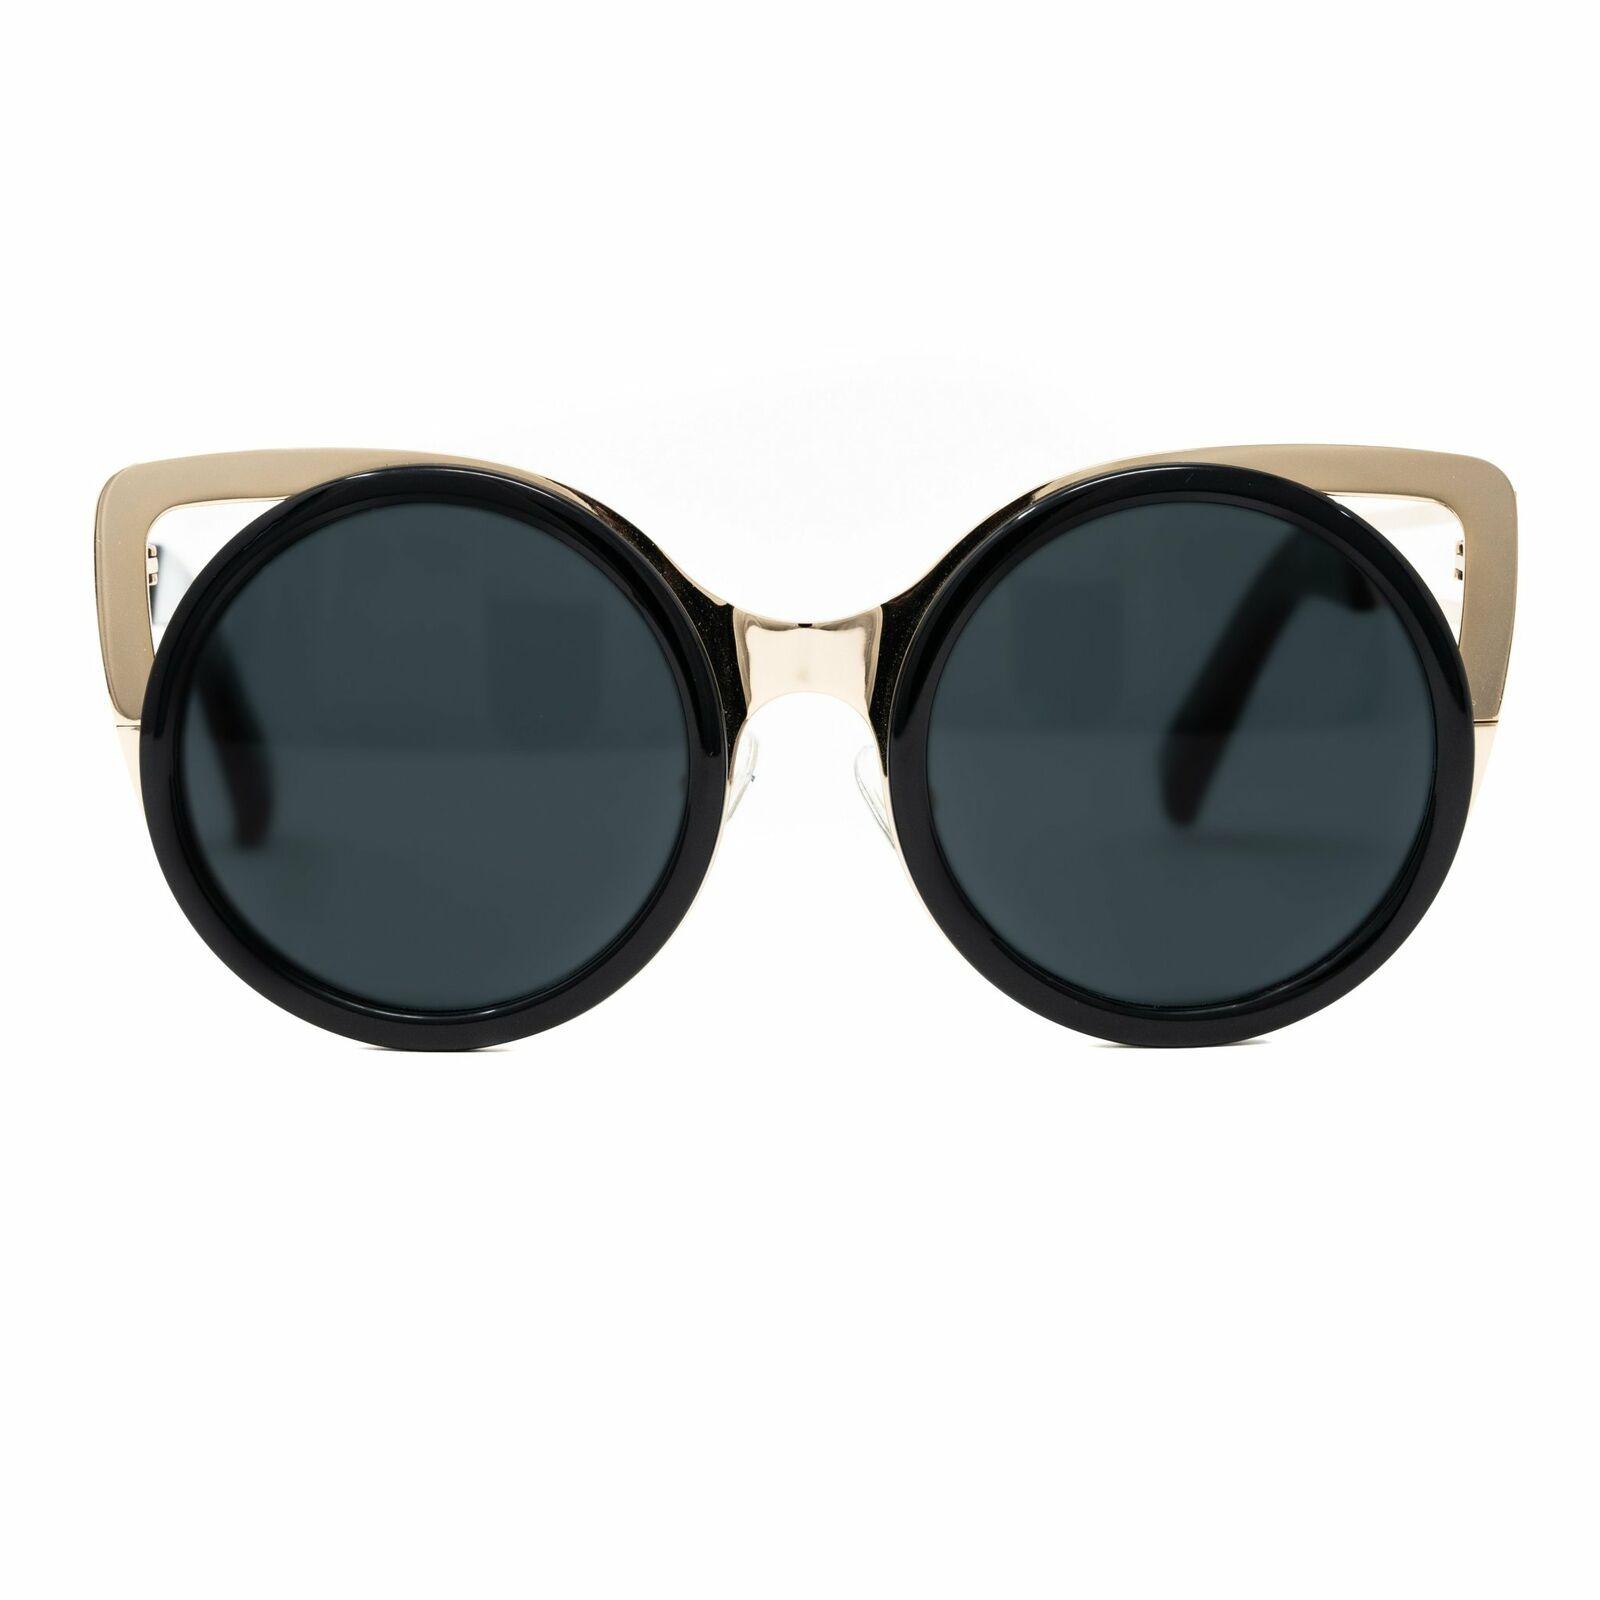 Erdem Sunglasses Cat Eye Light Gold and Black